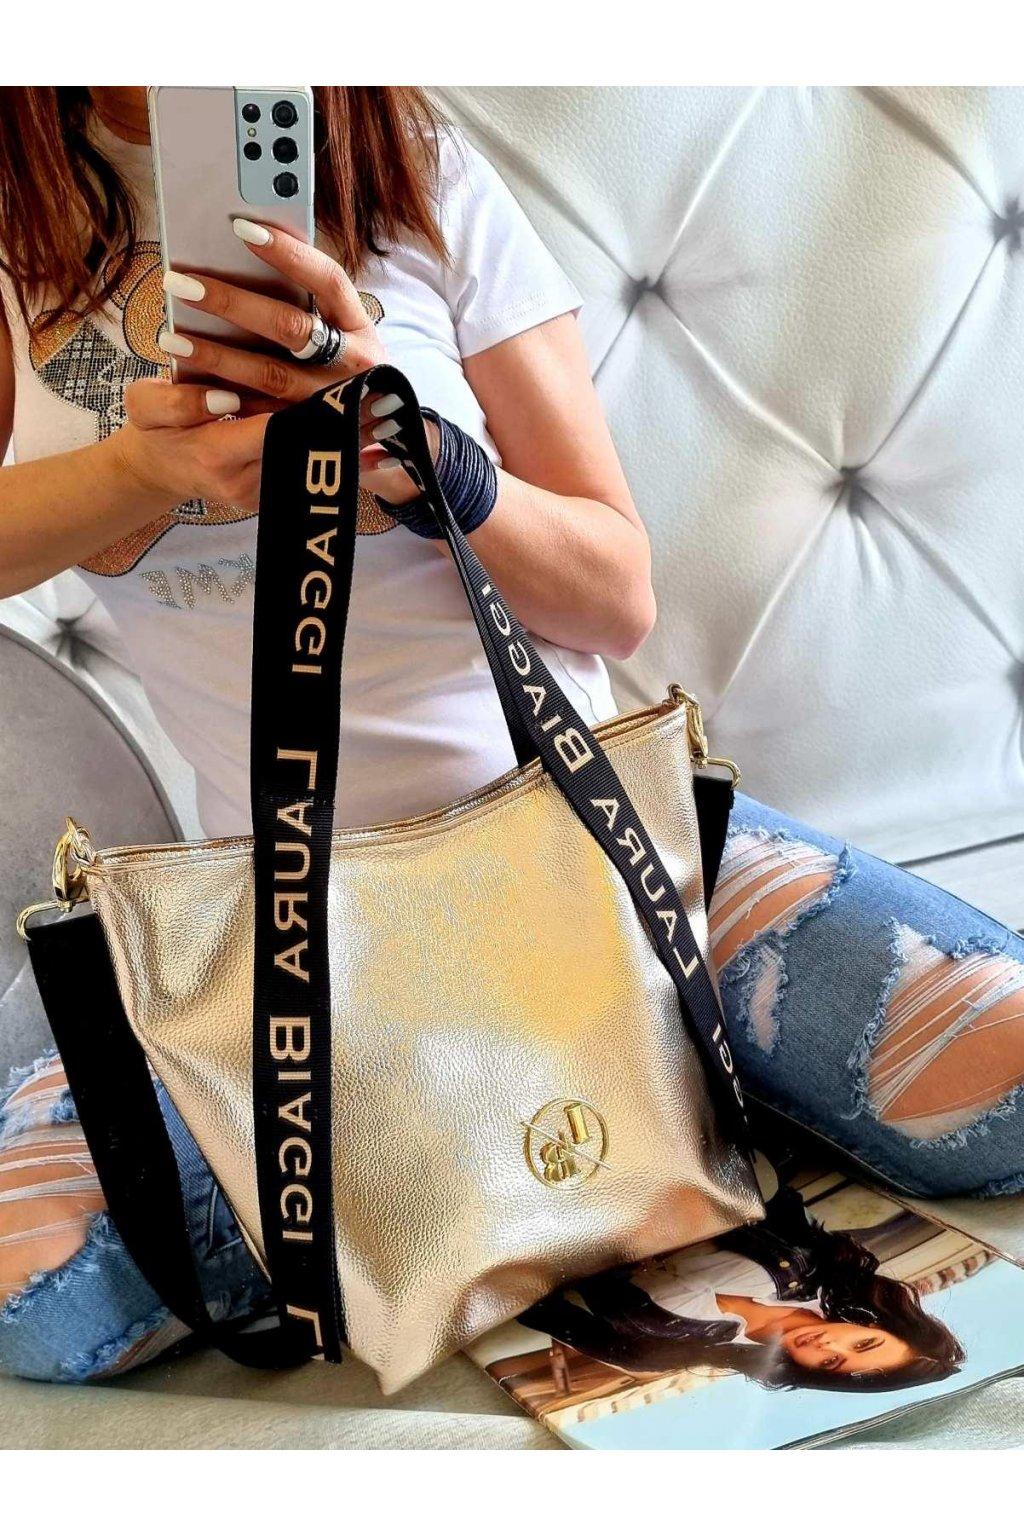 KABELKA LAURA BIAGGI GOLD značková trendy luxusní kabelka zlatá